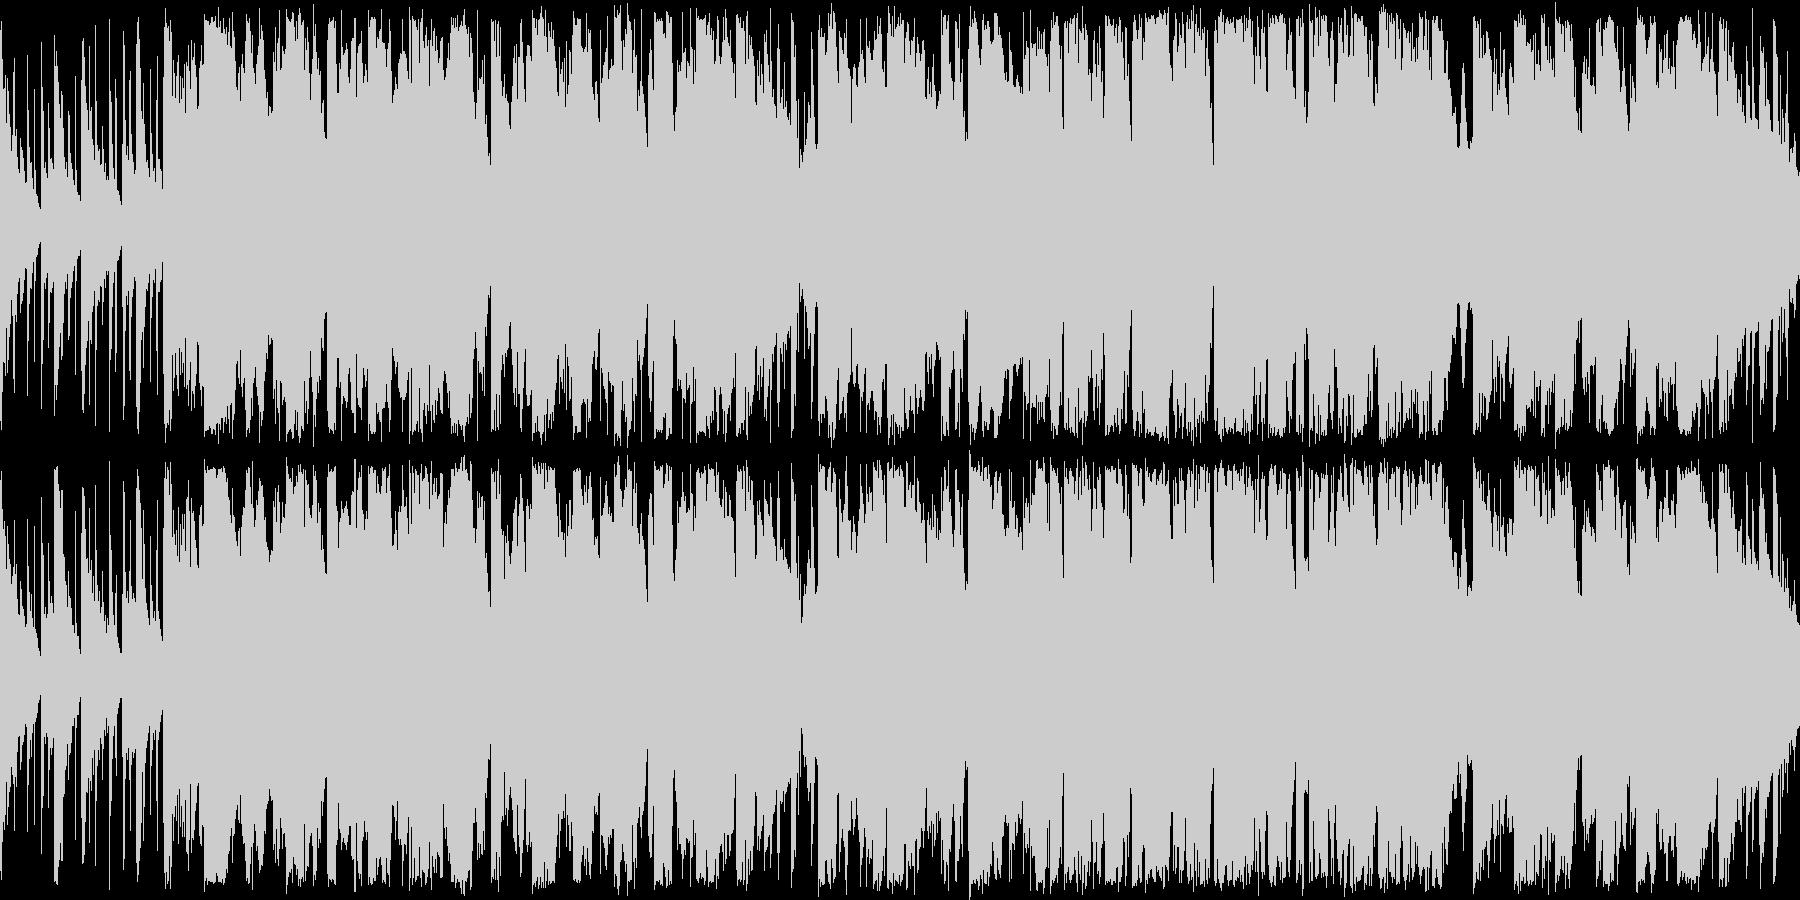 【ループ】ケルト風BGM(自然・広大)の未再生の波形